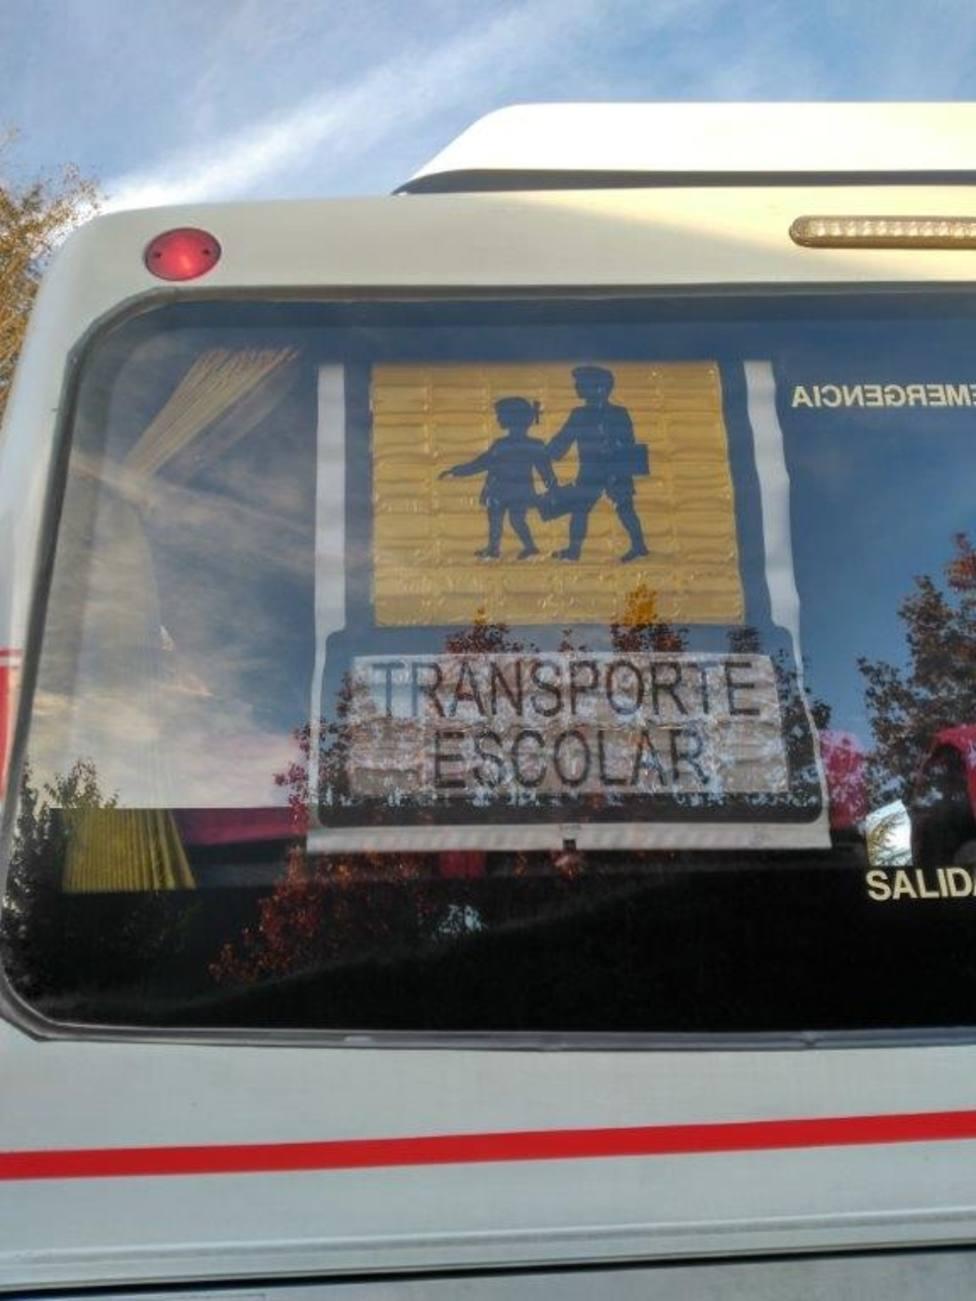 Ninguno de los conductores de transporte escolar dio positivo en alcohol o drogas durante la campaña especial de la DGT